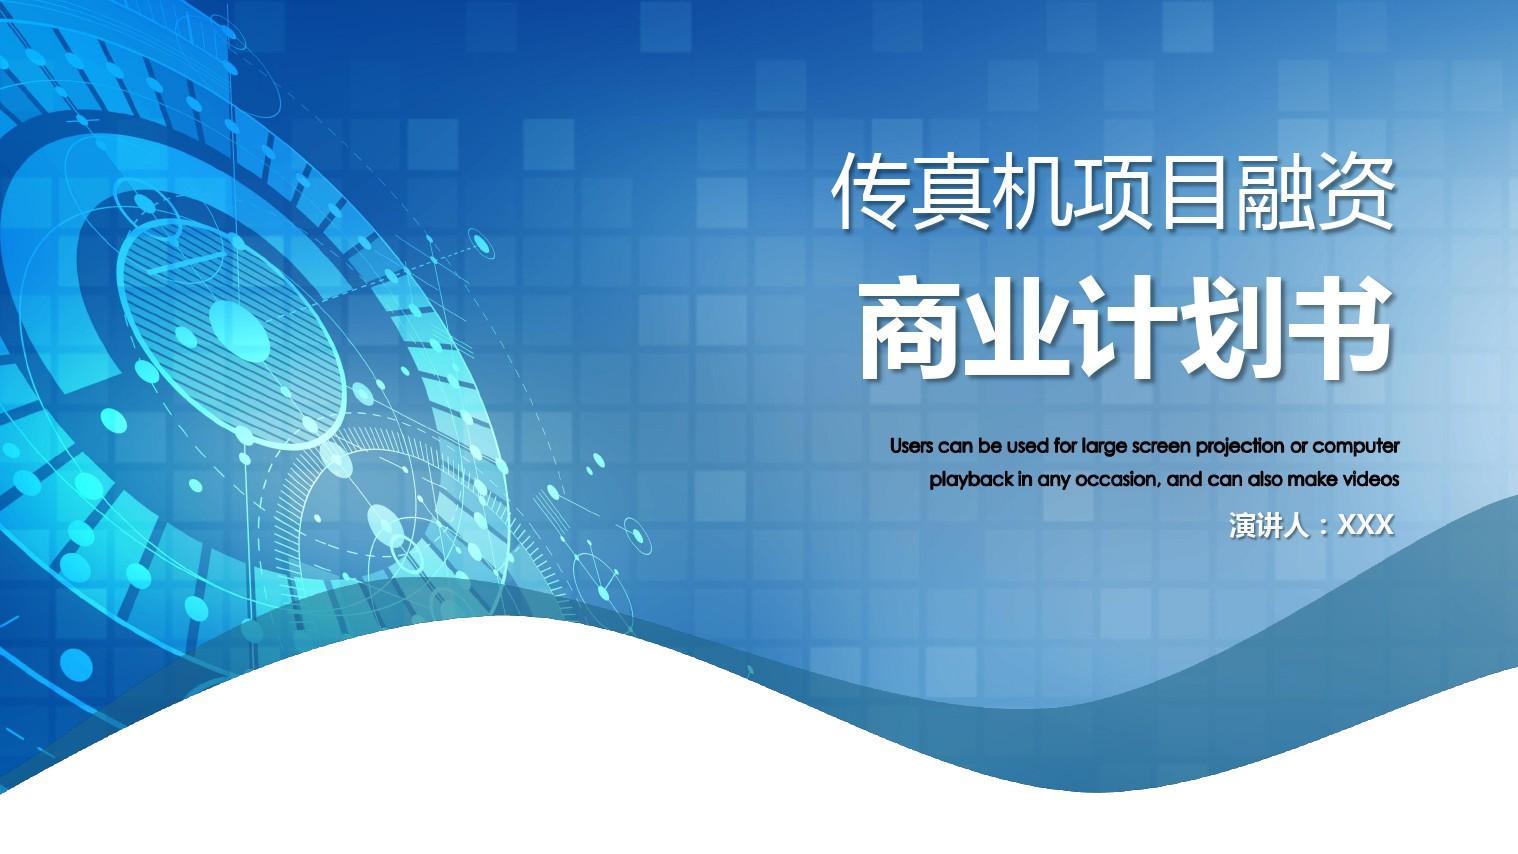 商务蓝色传真机项目融资PPT模板2